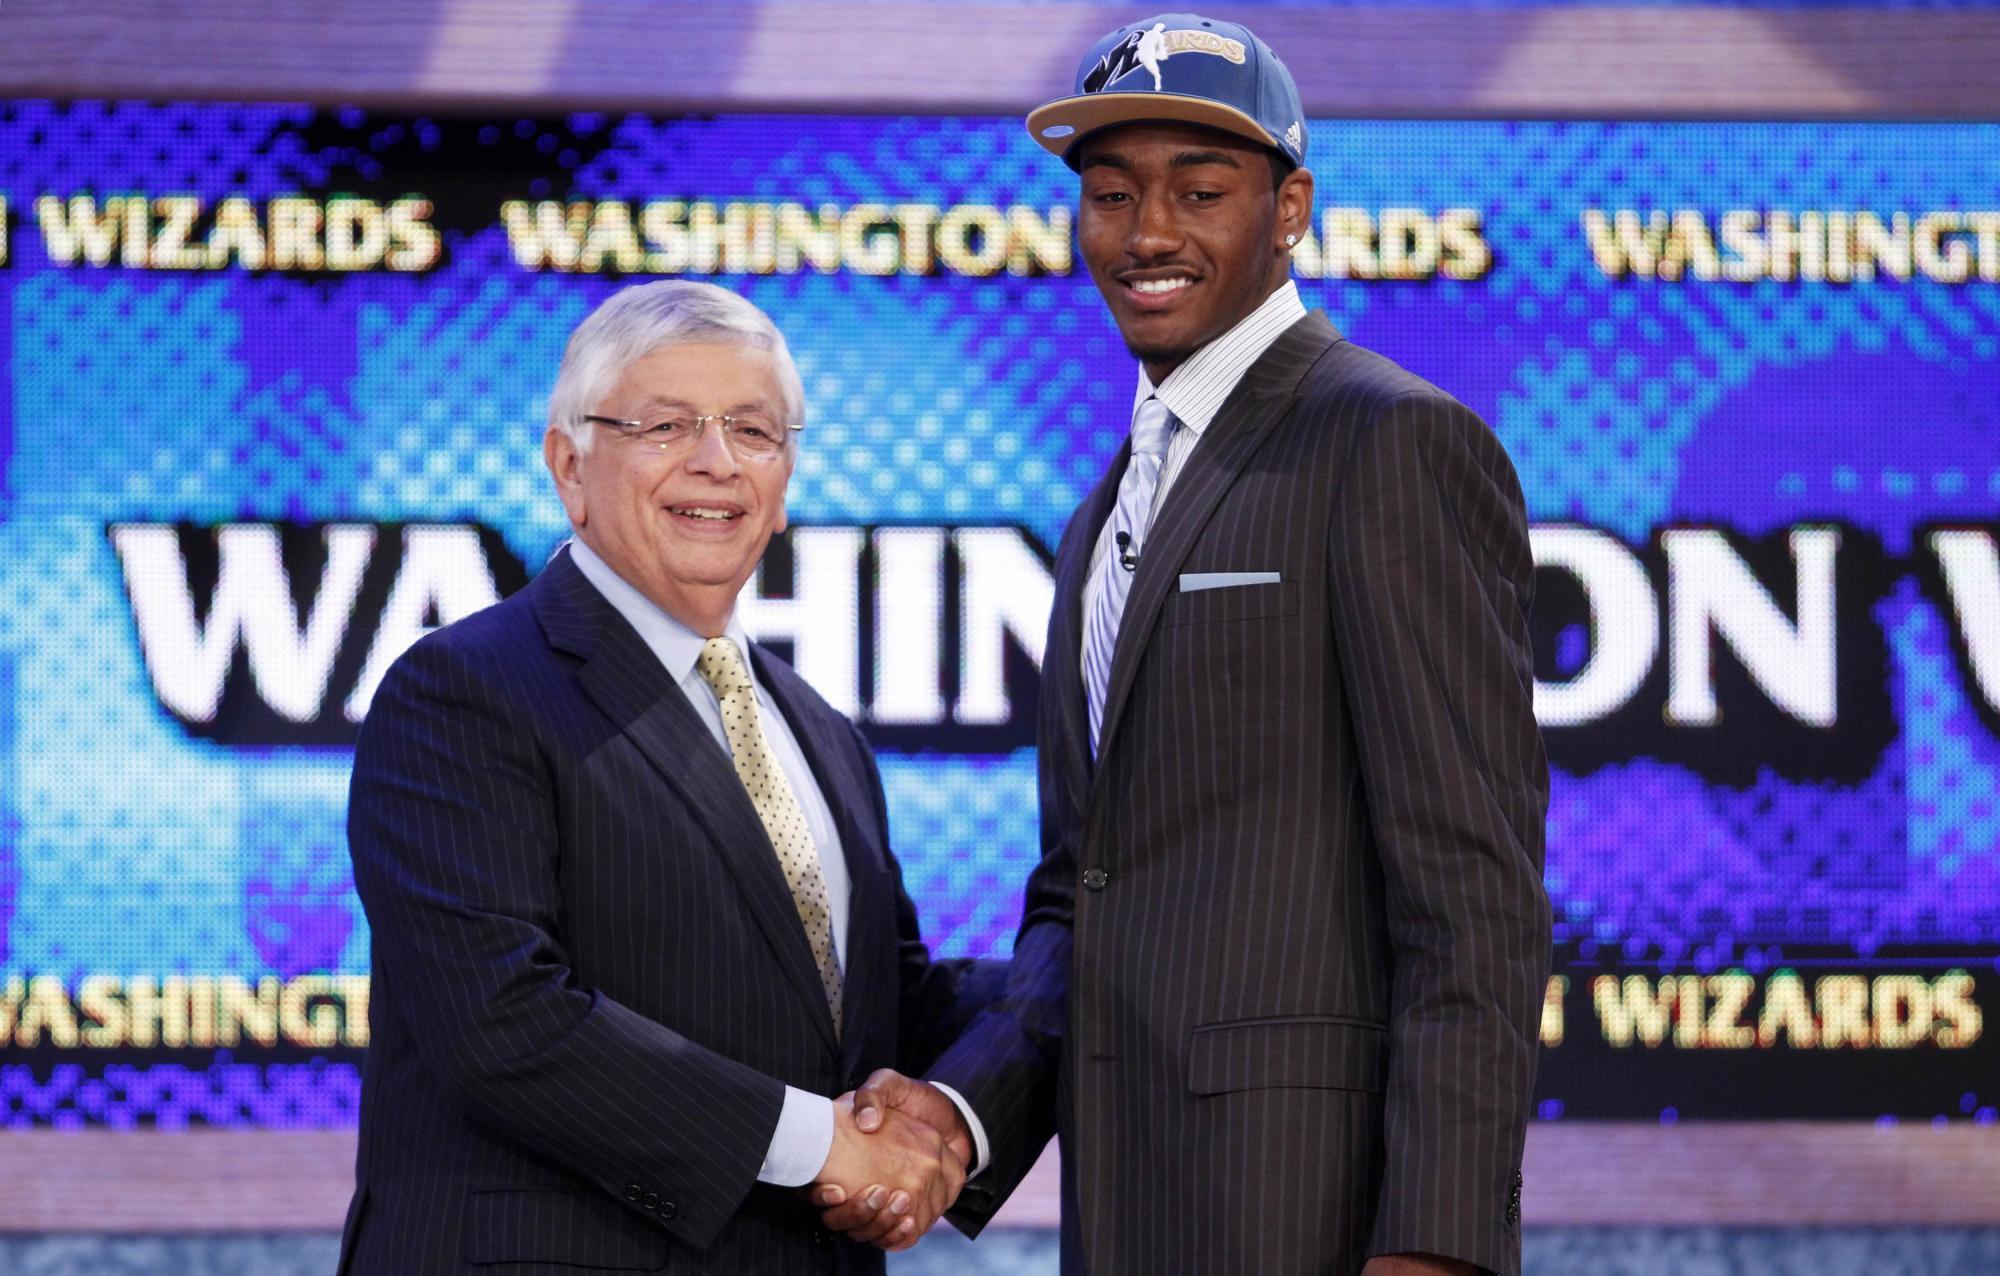 جان وال-واشنگتن ویزاردز-لیگ NBA-درفت NBA